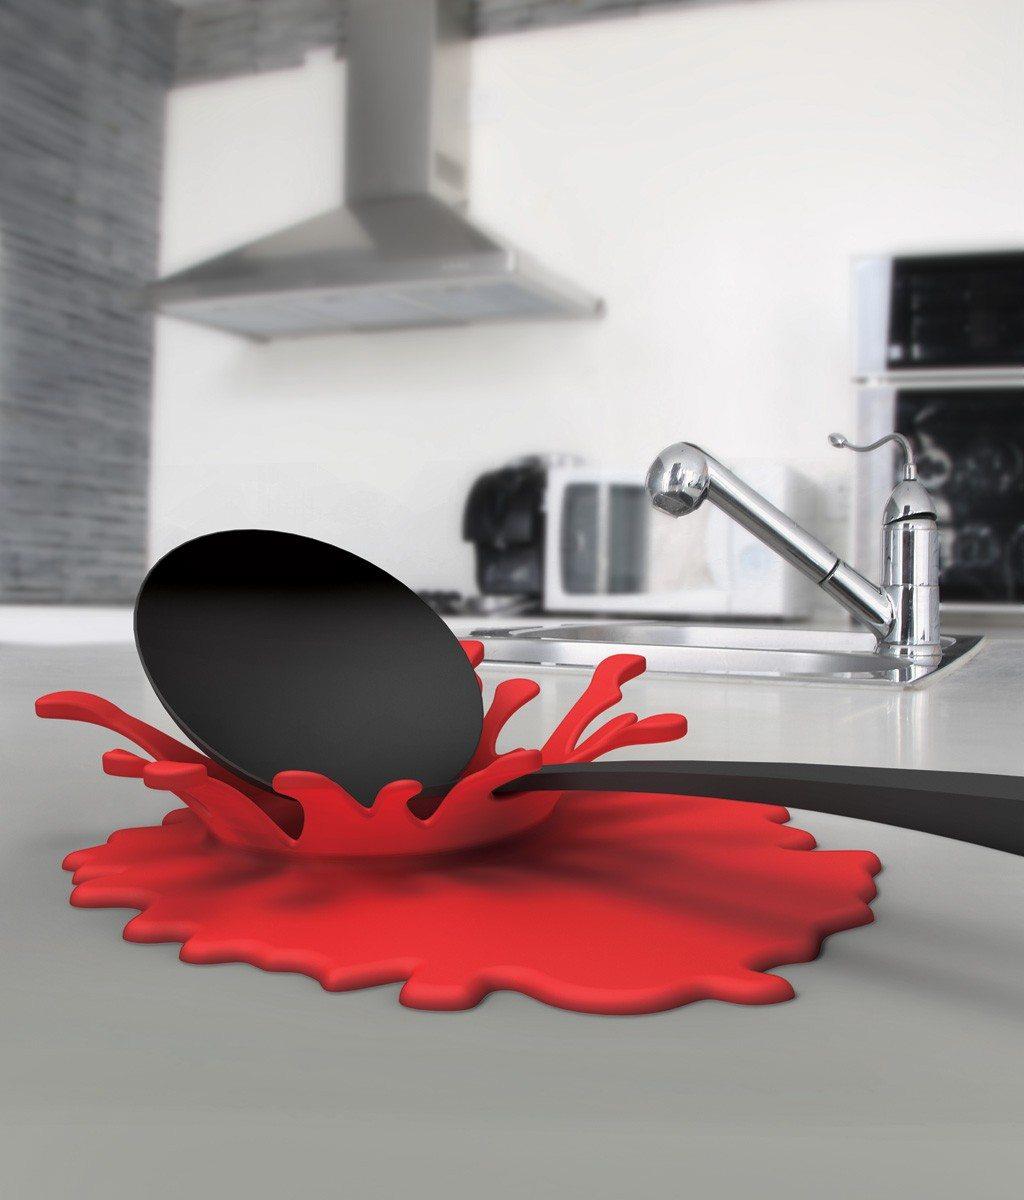 nouveau les ustensiles de cuisine en forme d 39 claboussure splash. Black Bedroom Furniture Sets. Home Design Ideas